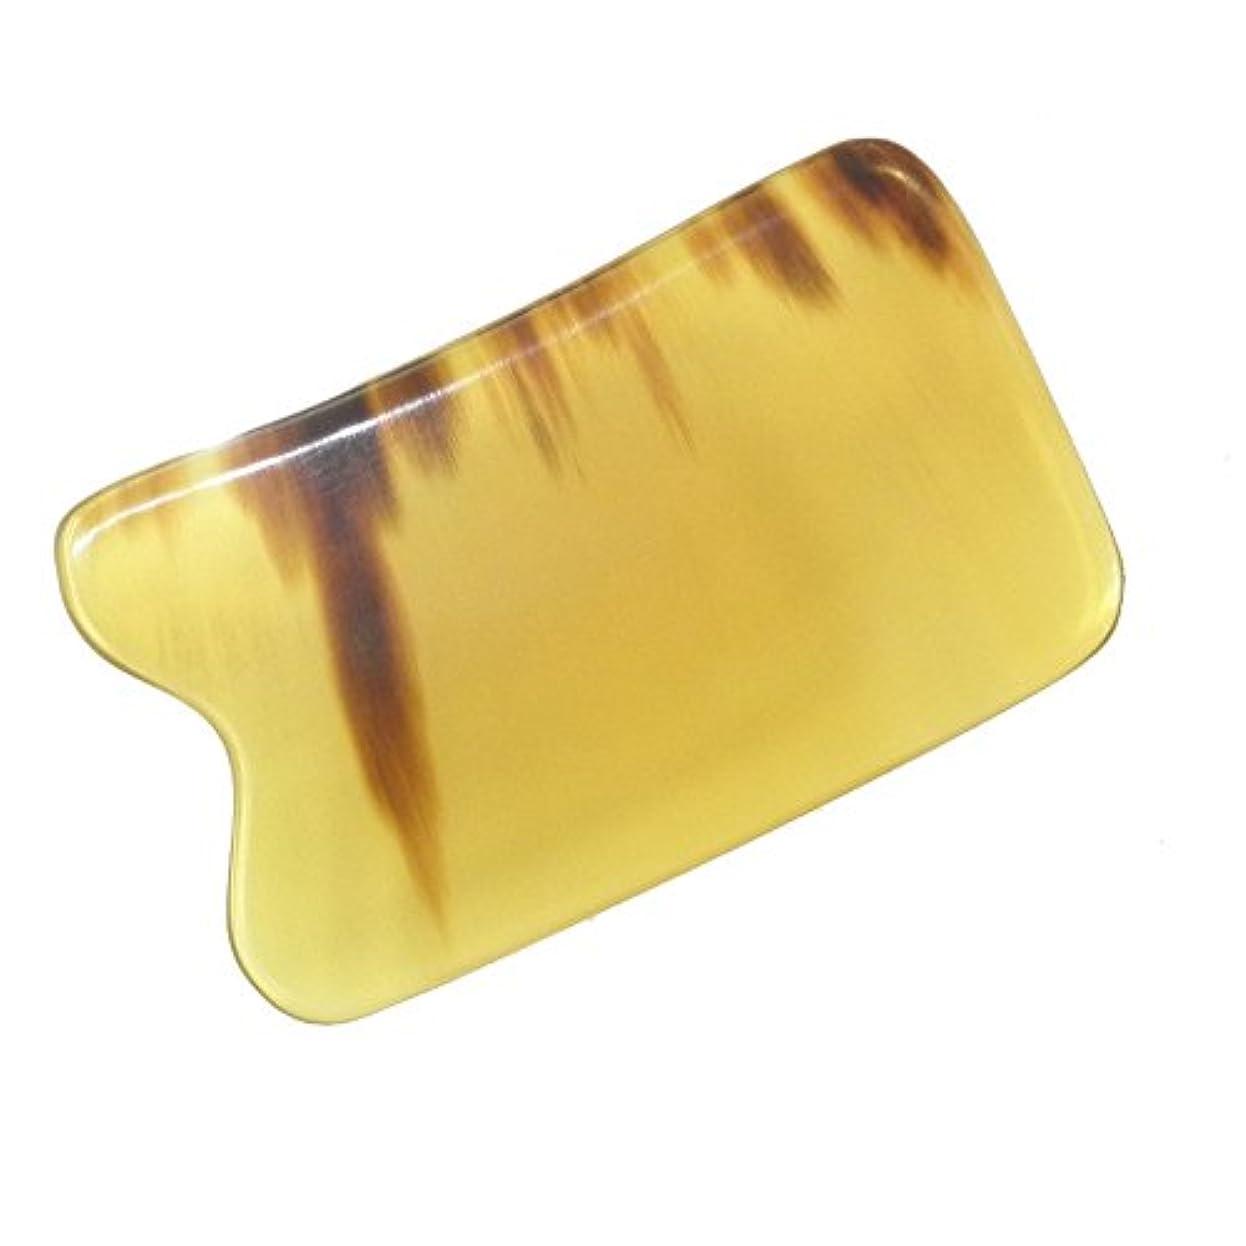 頬骨ビュッフェ祈りかっさ プレート 厚さが選べる 水牛の角(黄水牛角) EHE219SP 四角凹 特級品 少し薄め(4ミリ程度)